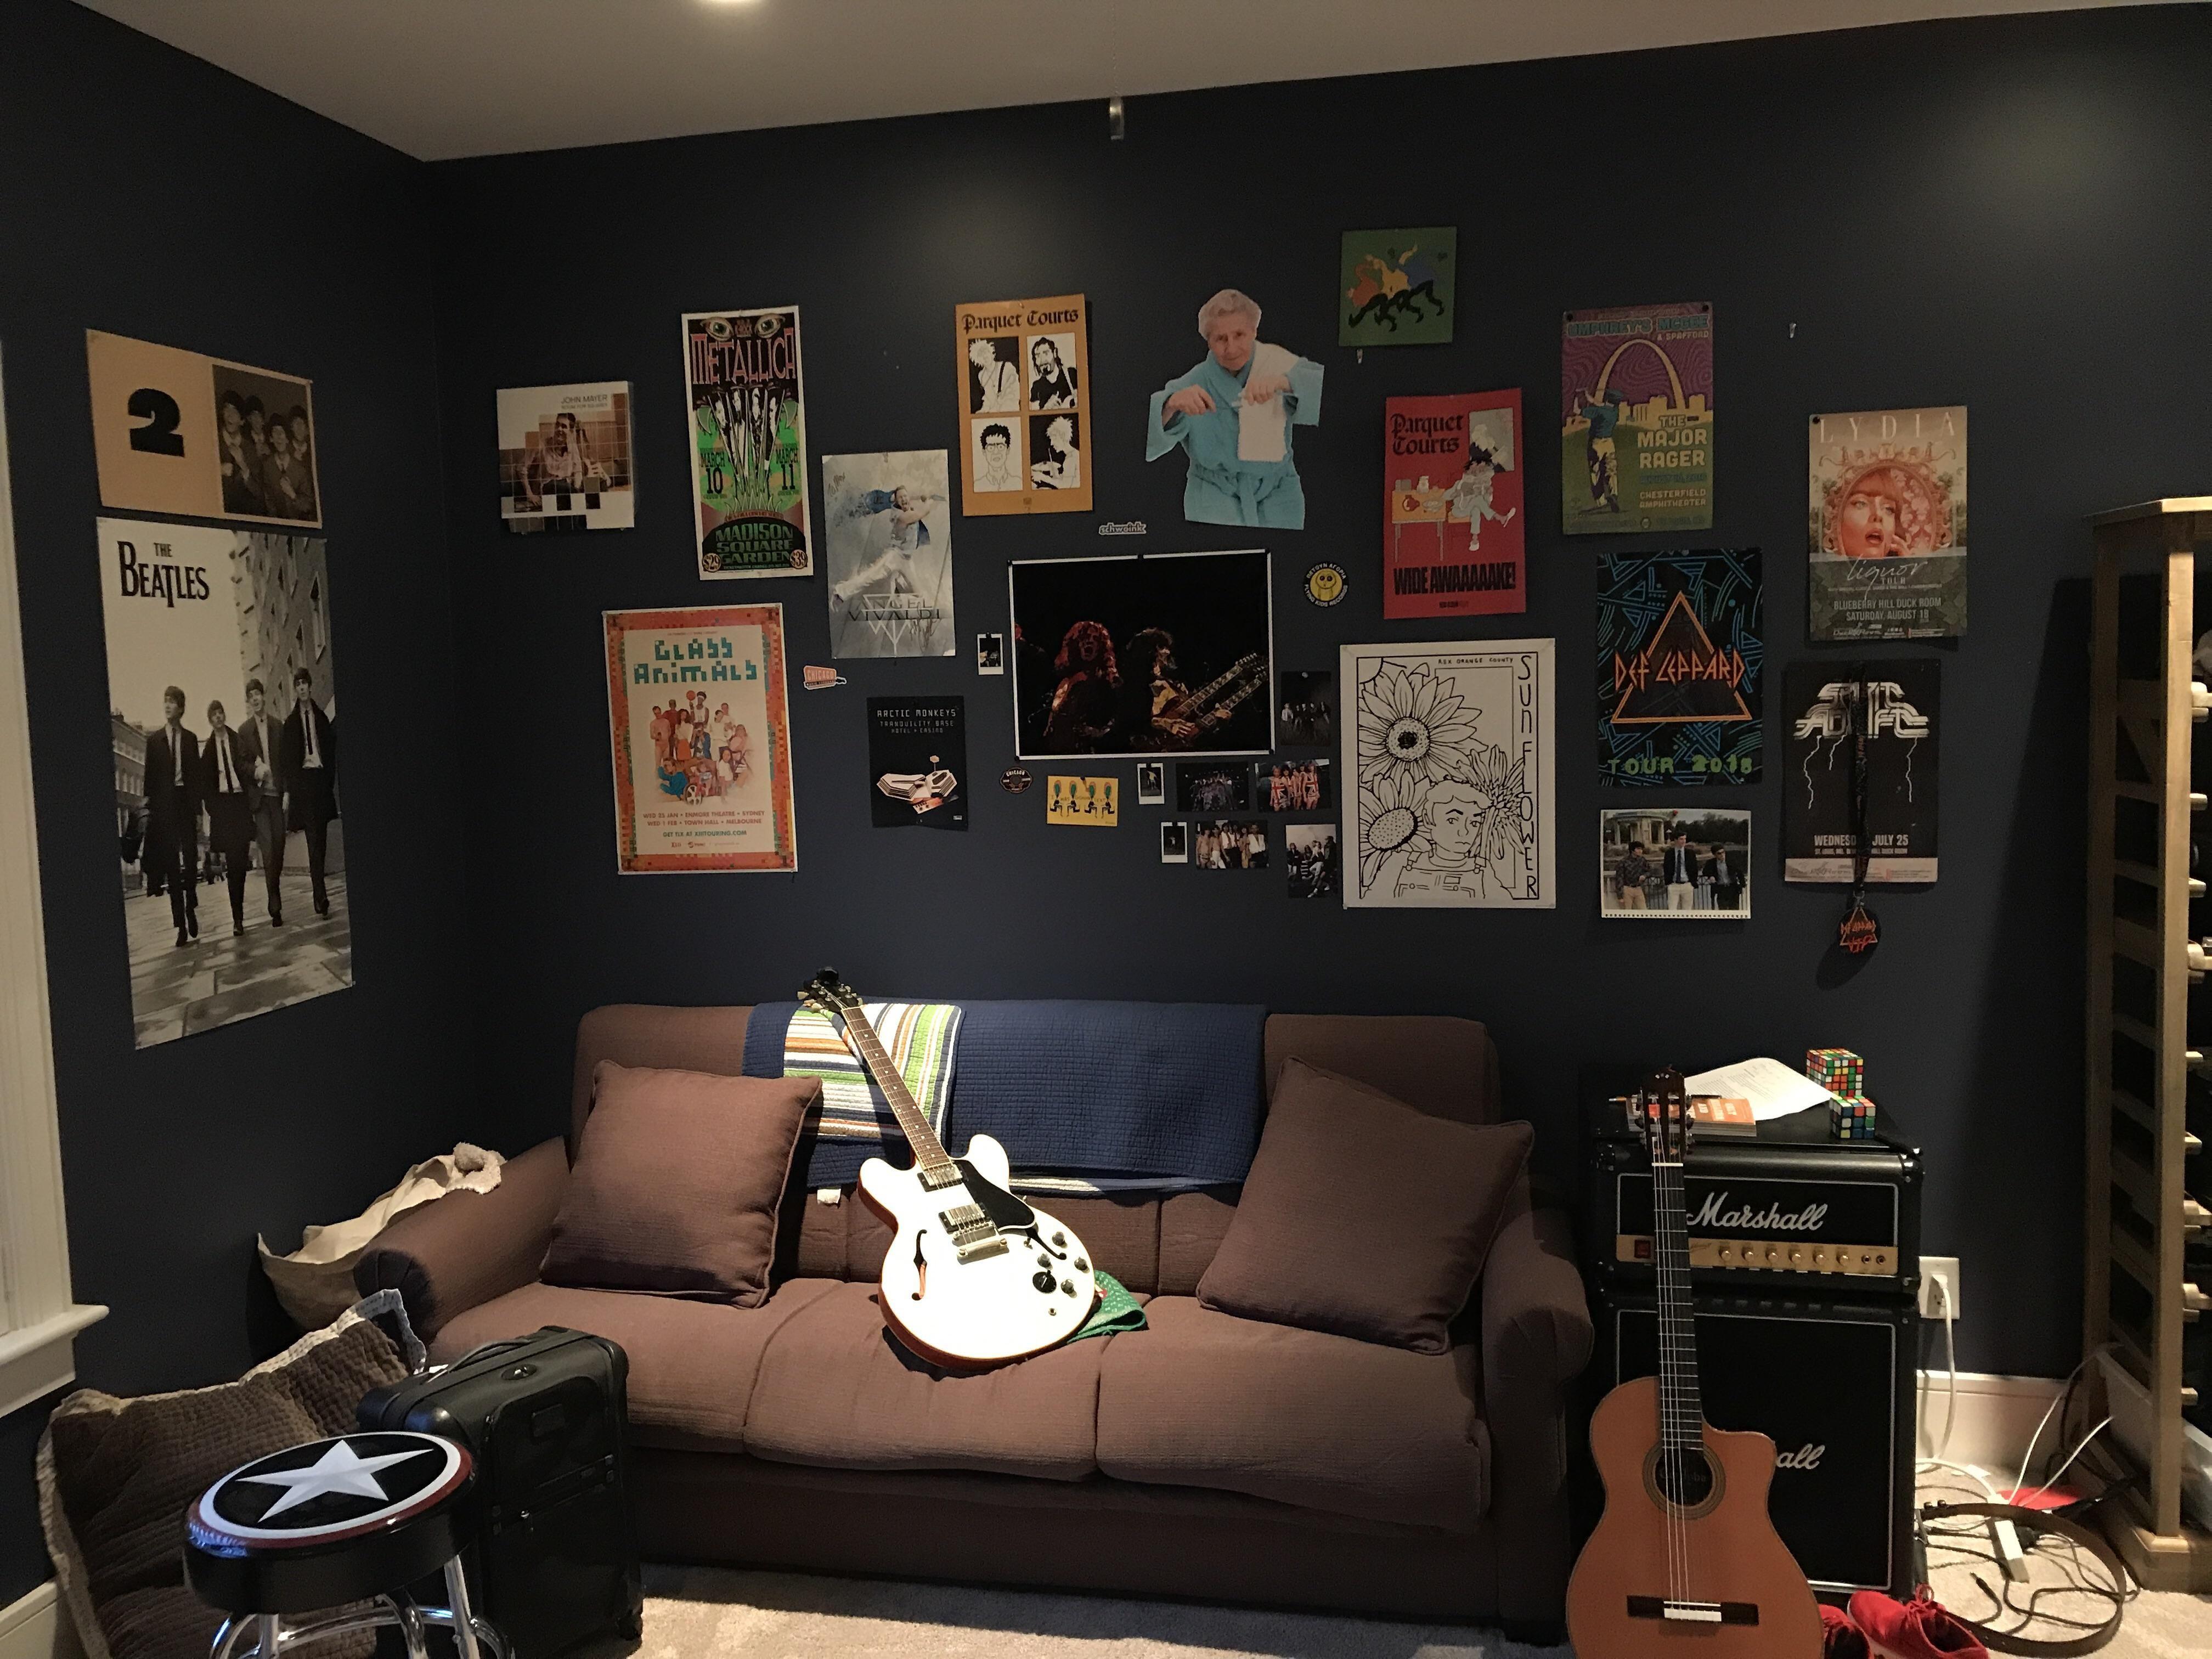 A Guy Room   Man room, Cozy bedroom design, Room ideas bedroom